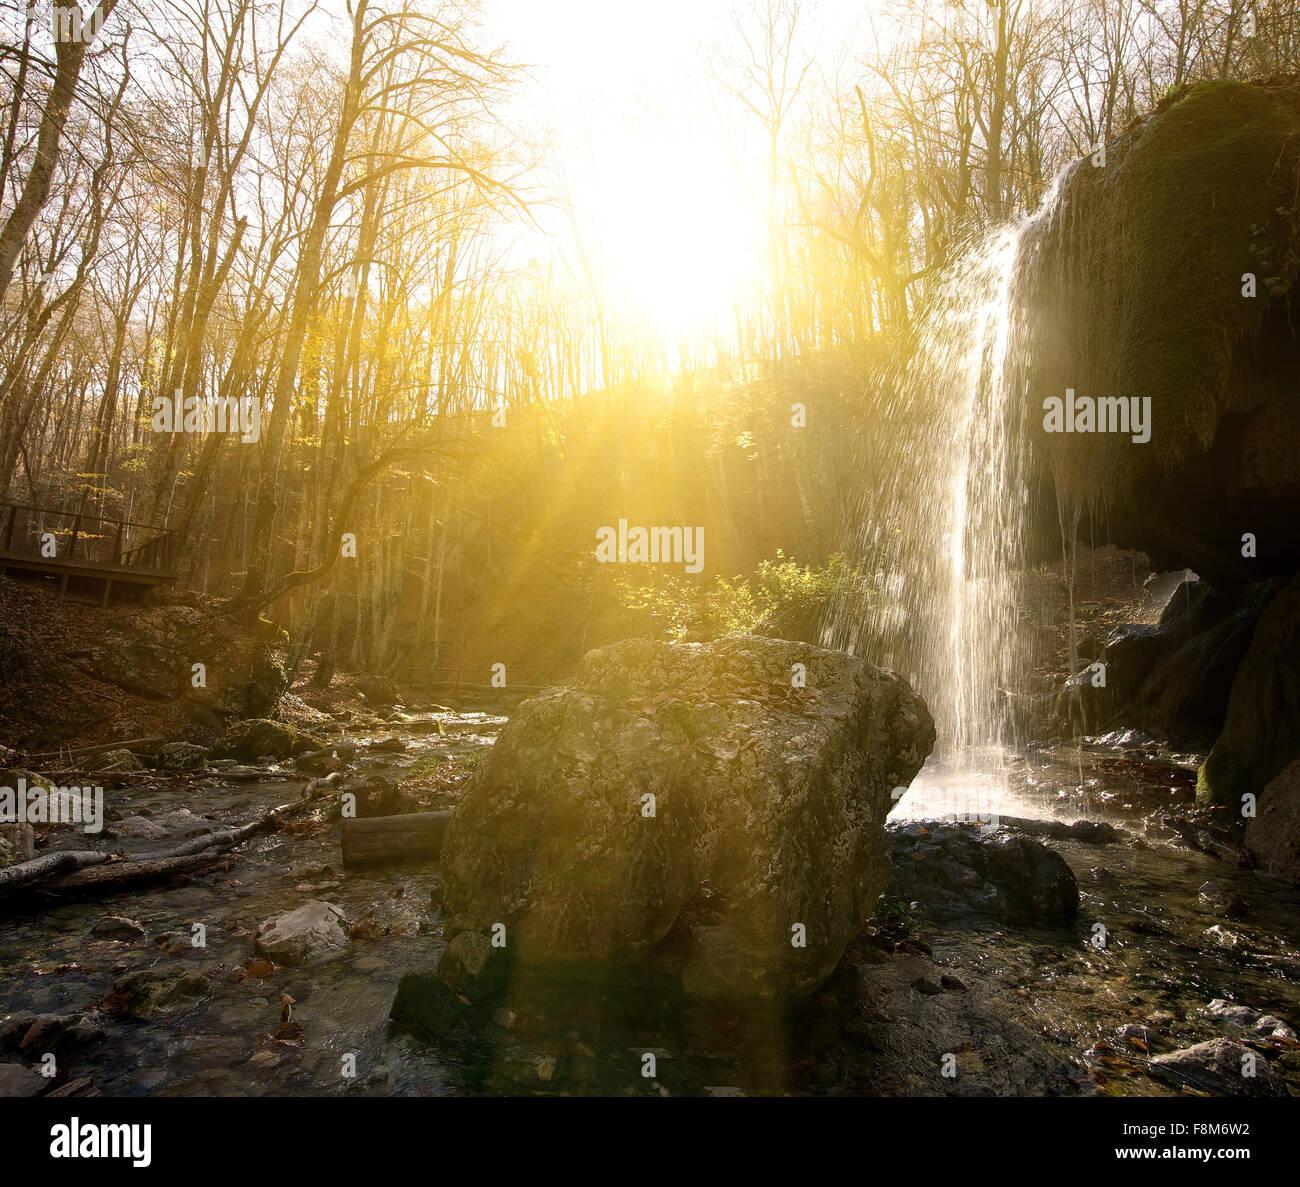 La cascata nel bosco di mattina di sole Immagini Stock